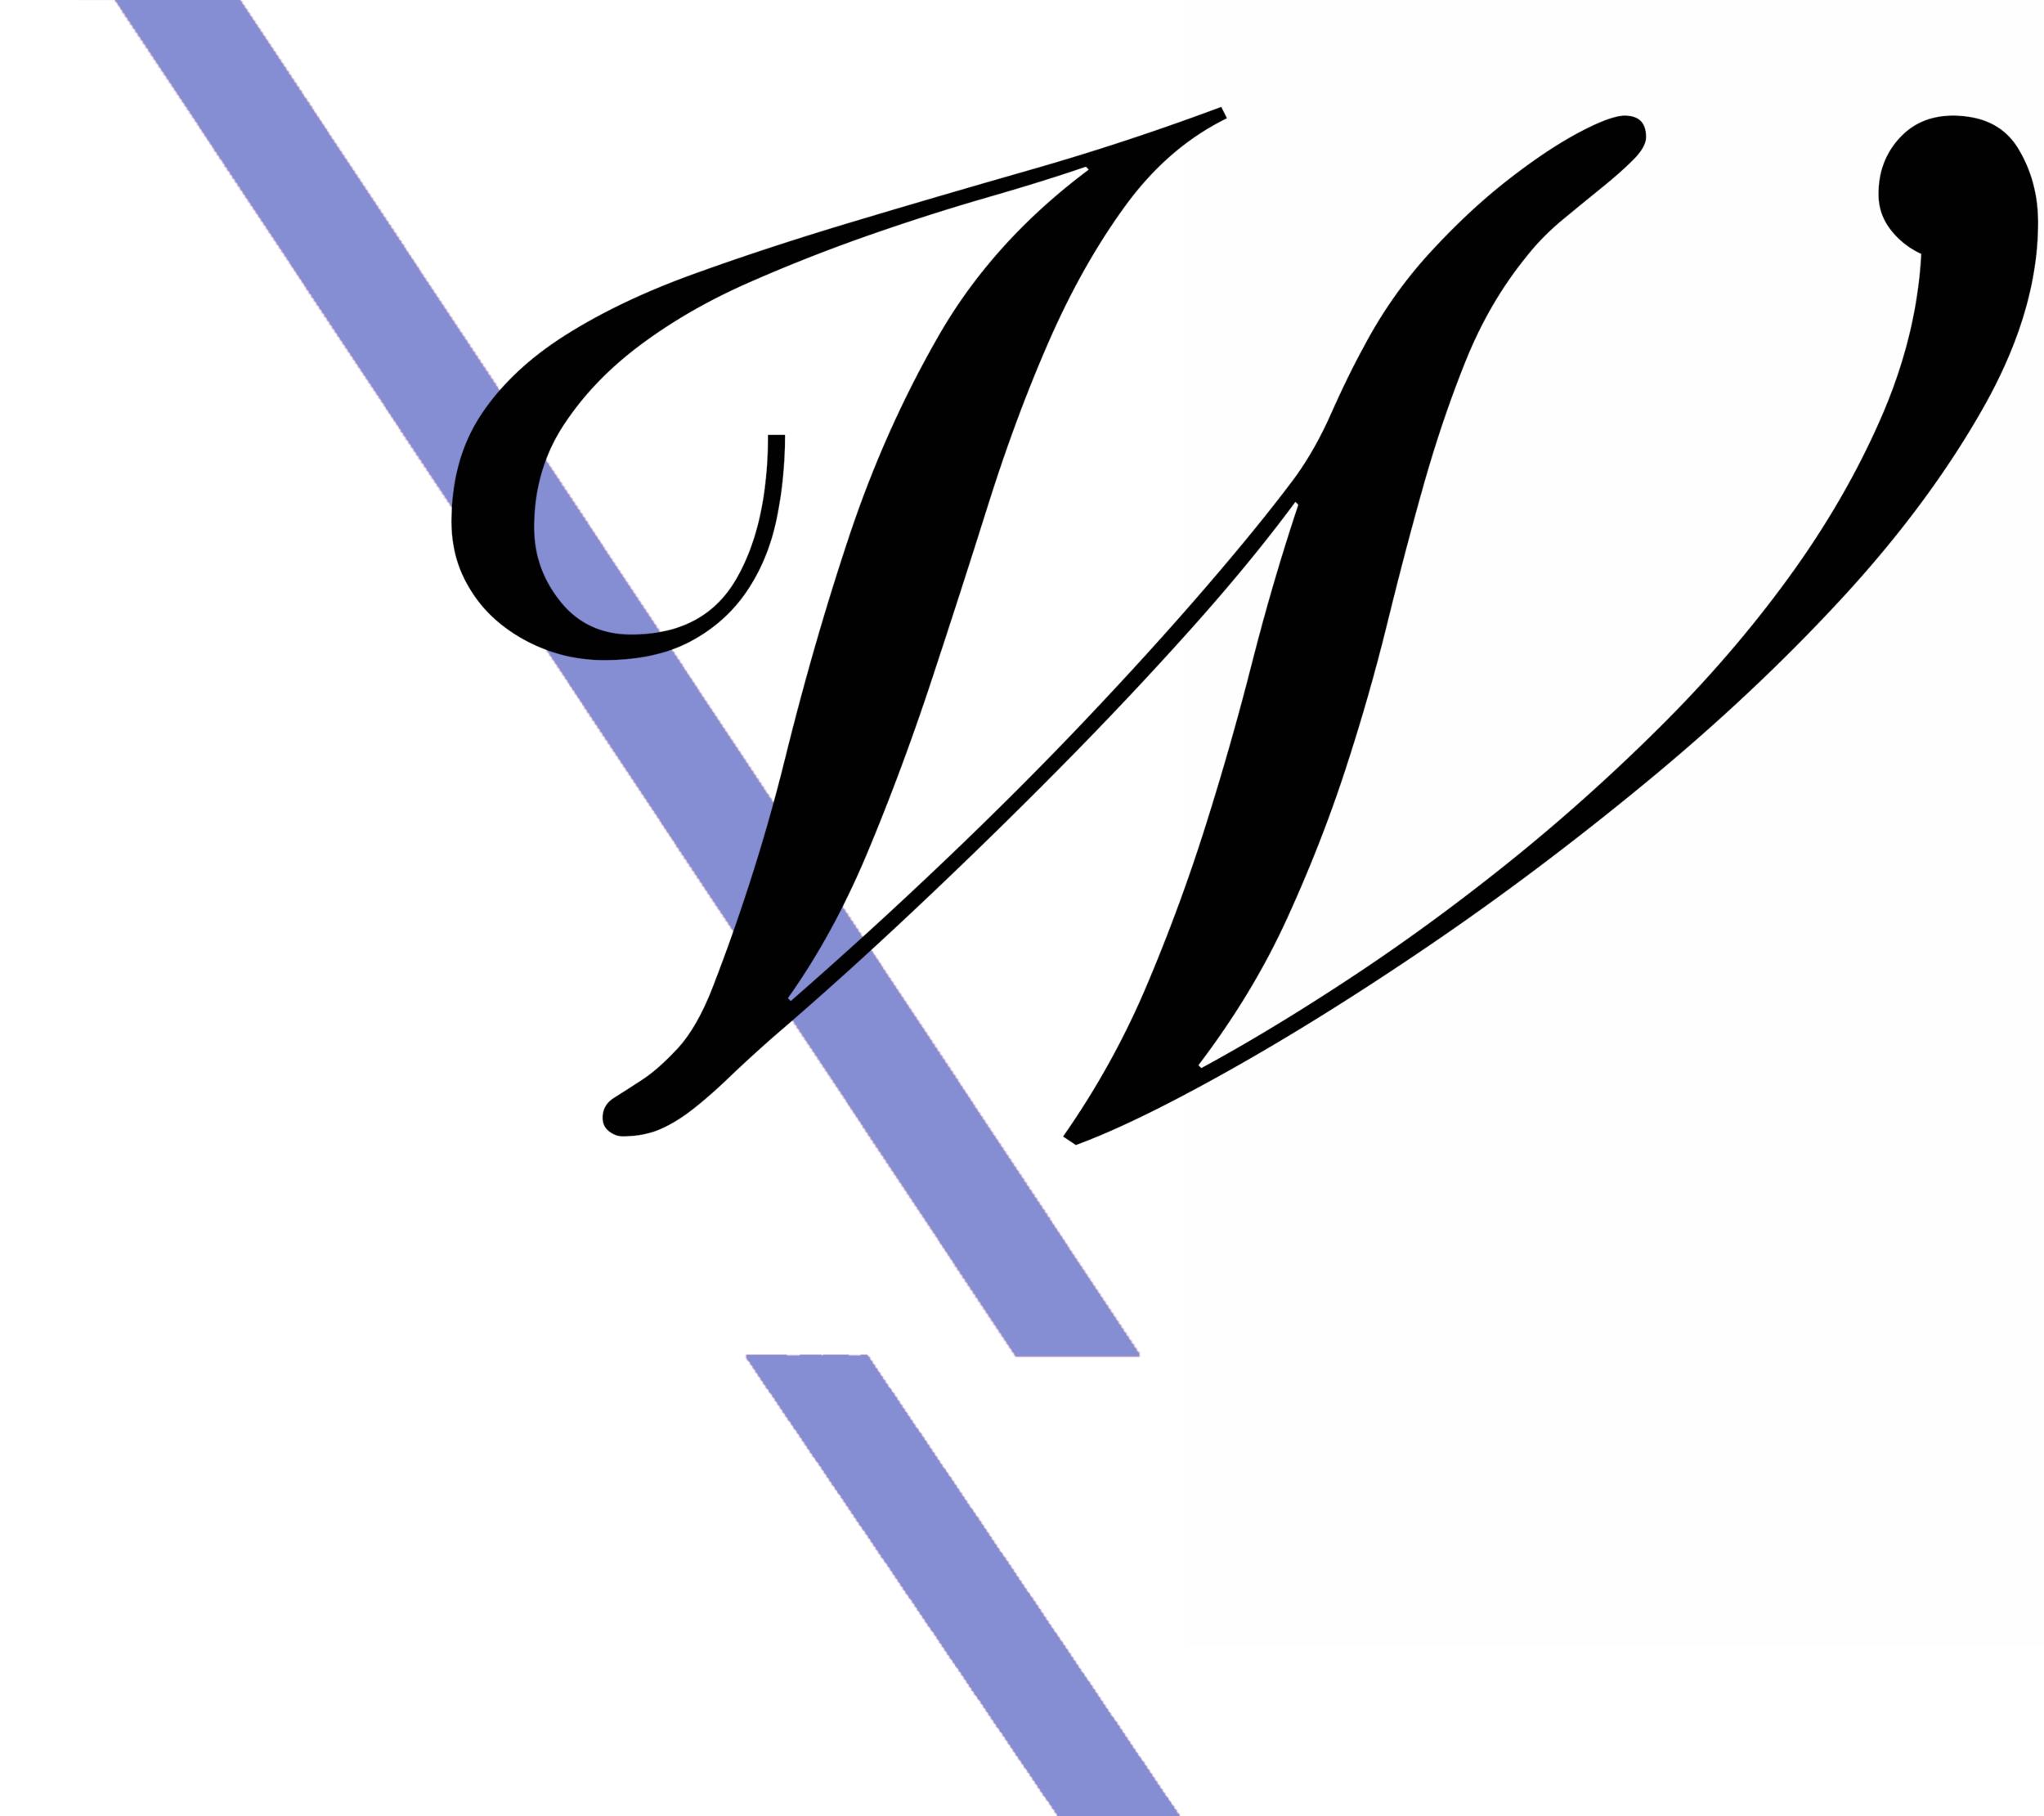 Typeset_W.png